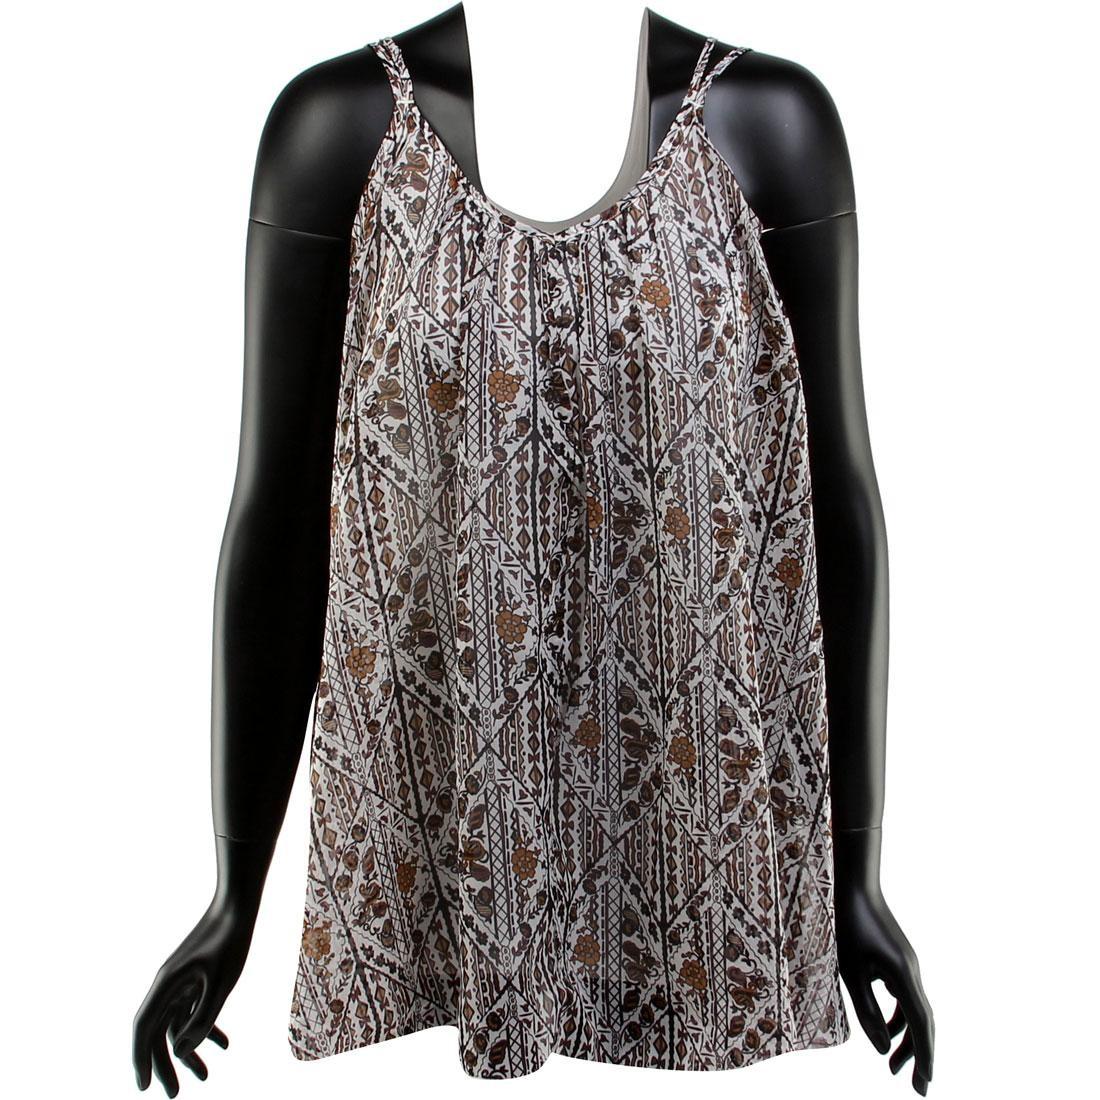 ルーカ タンクトップ ドレス 【 RVCA WOMEN GARDEN CHIFFON TANK DRESS BROWN 】 レディースファッション ワンピース 送料無料